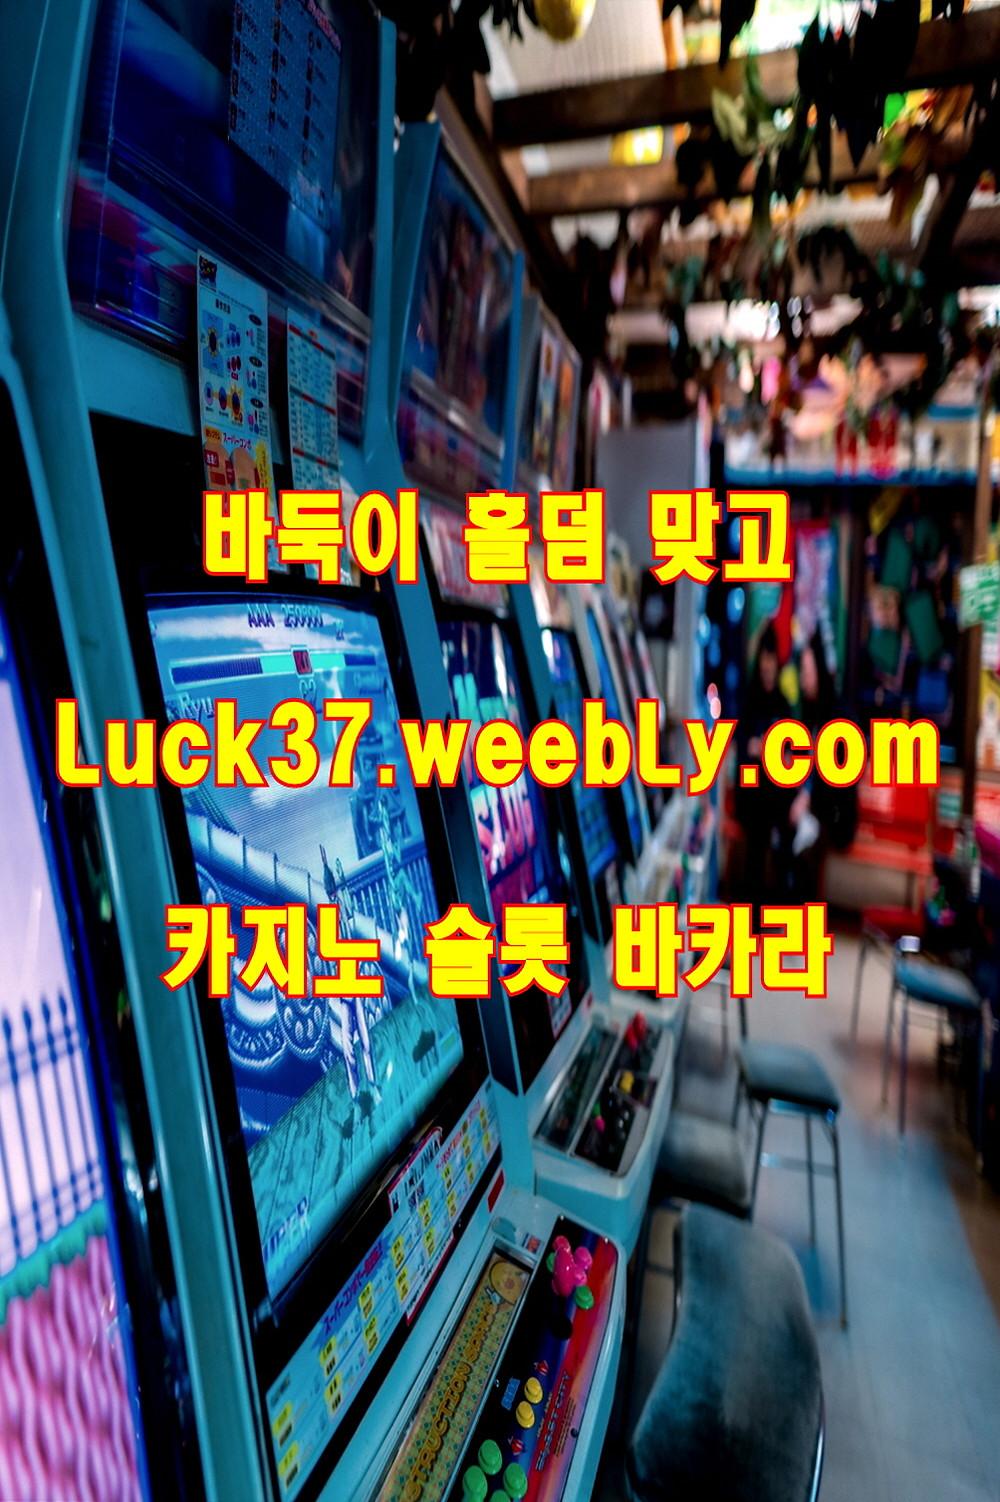 인터넷바두기사이트 스마트폰바두기게임 포커 온라인바두기주소